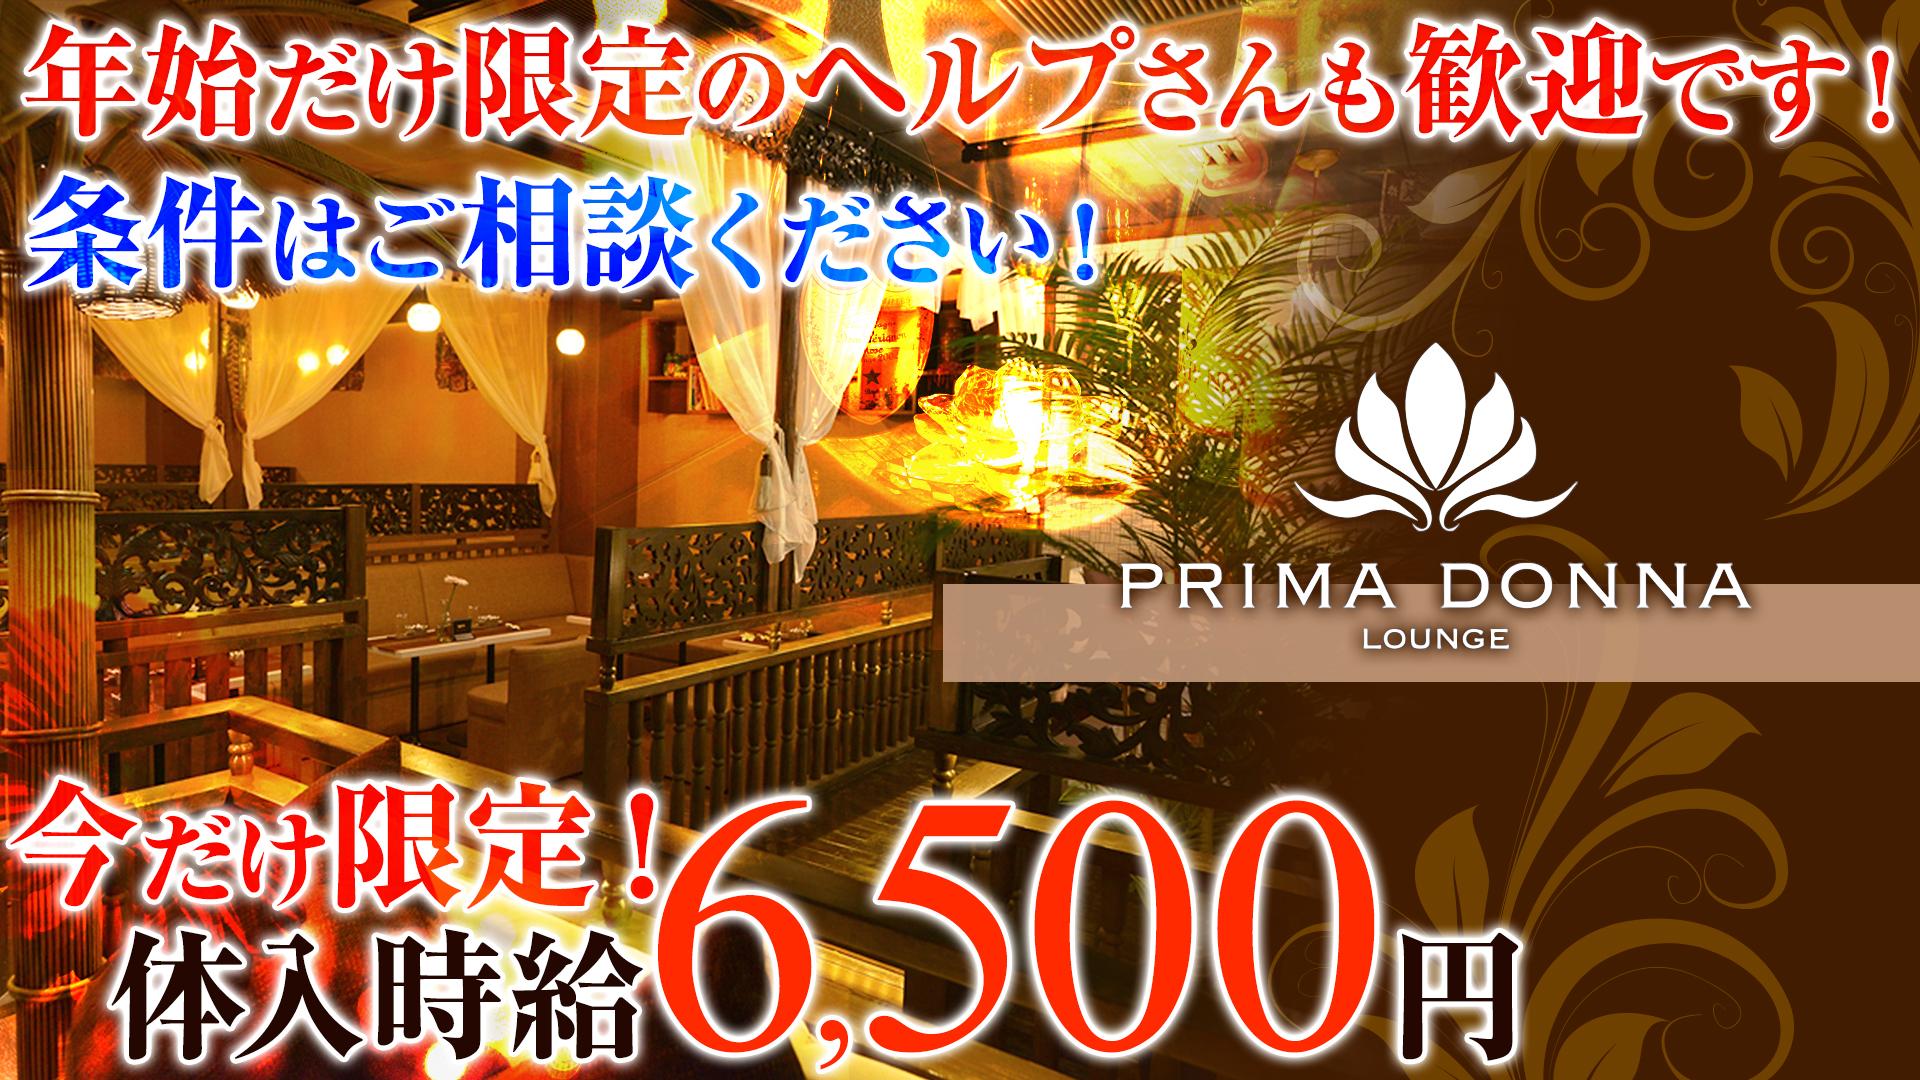 PRIMADONNA[プリマドンナ]千葉店 千葉 キャバクラ TOP画像